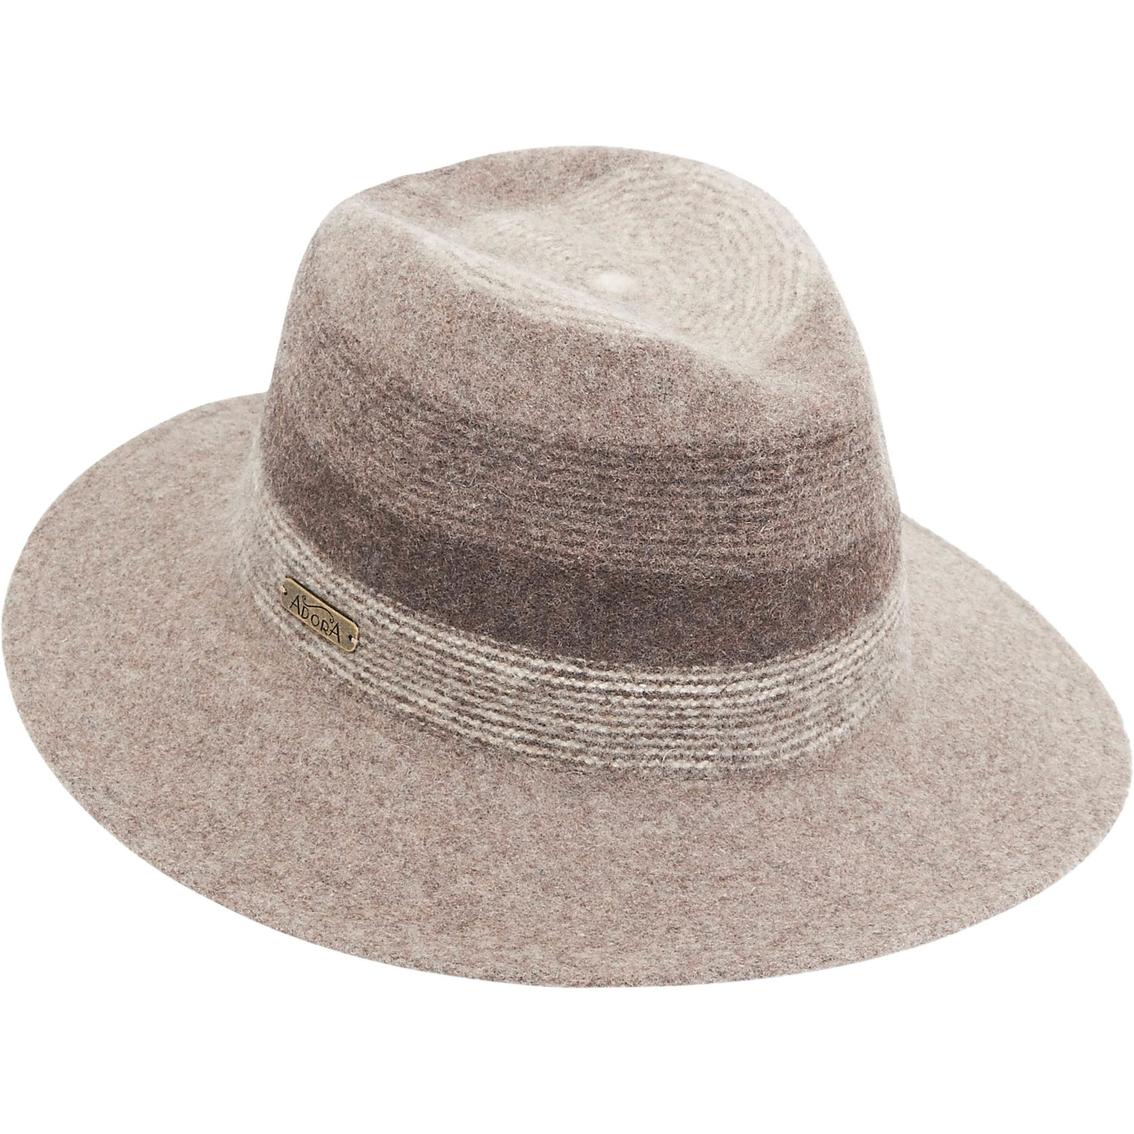 f6eb24637 Adora By Sun N Sand Safari Hat 2.75 In. Brim | Hats & Visors ...